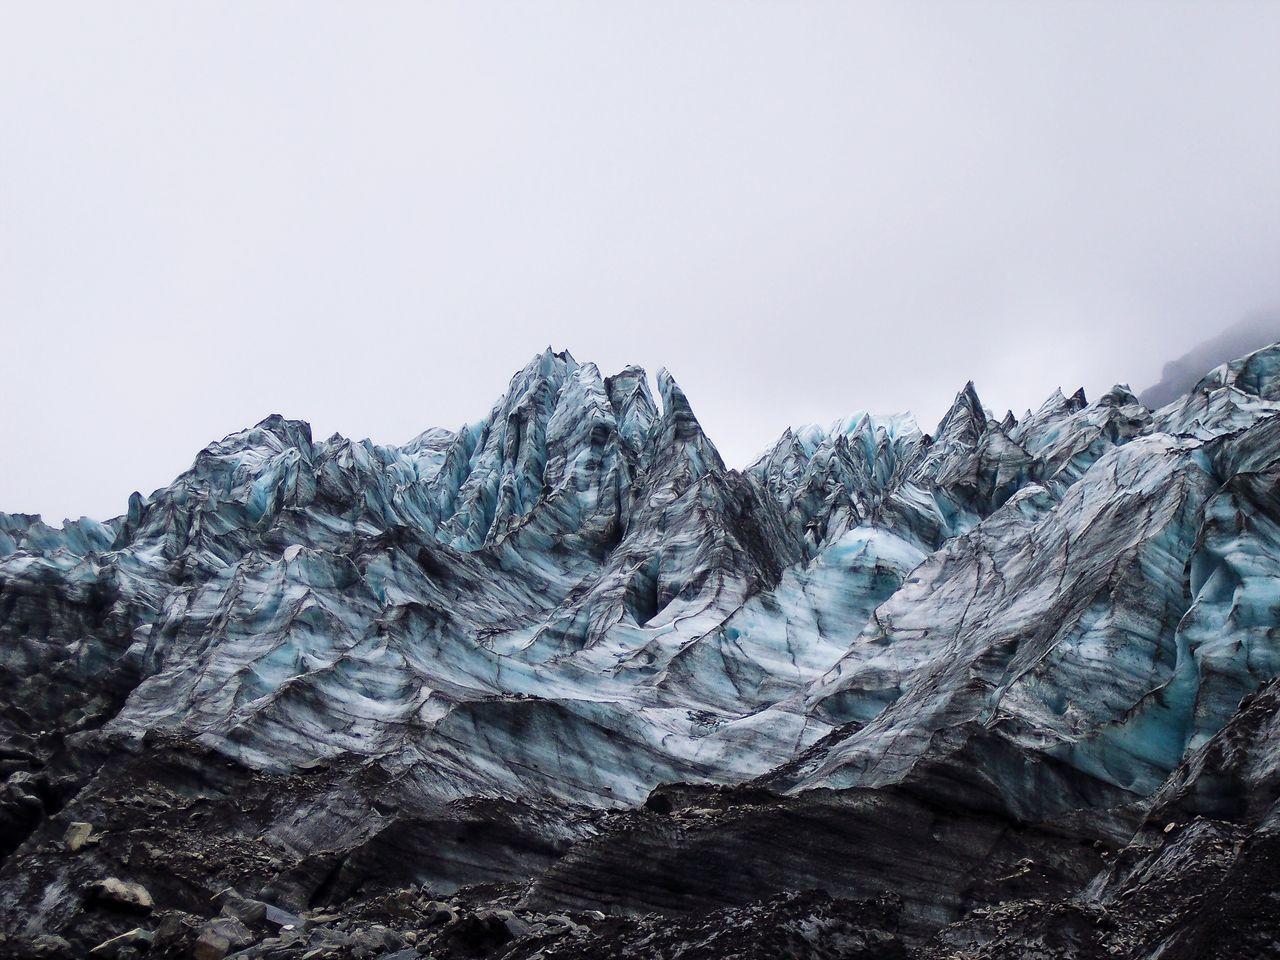 Low angle view of frozen glacier landscape against sky